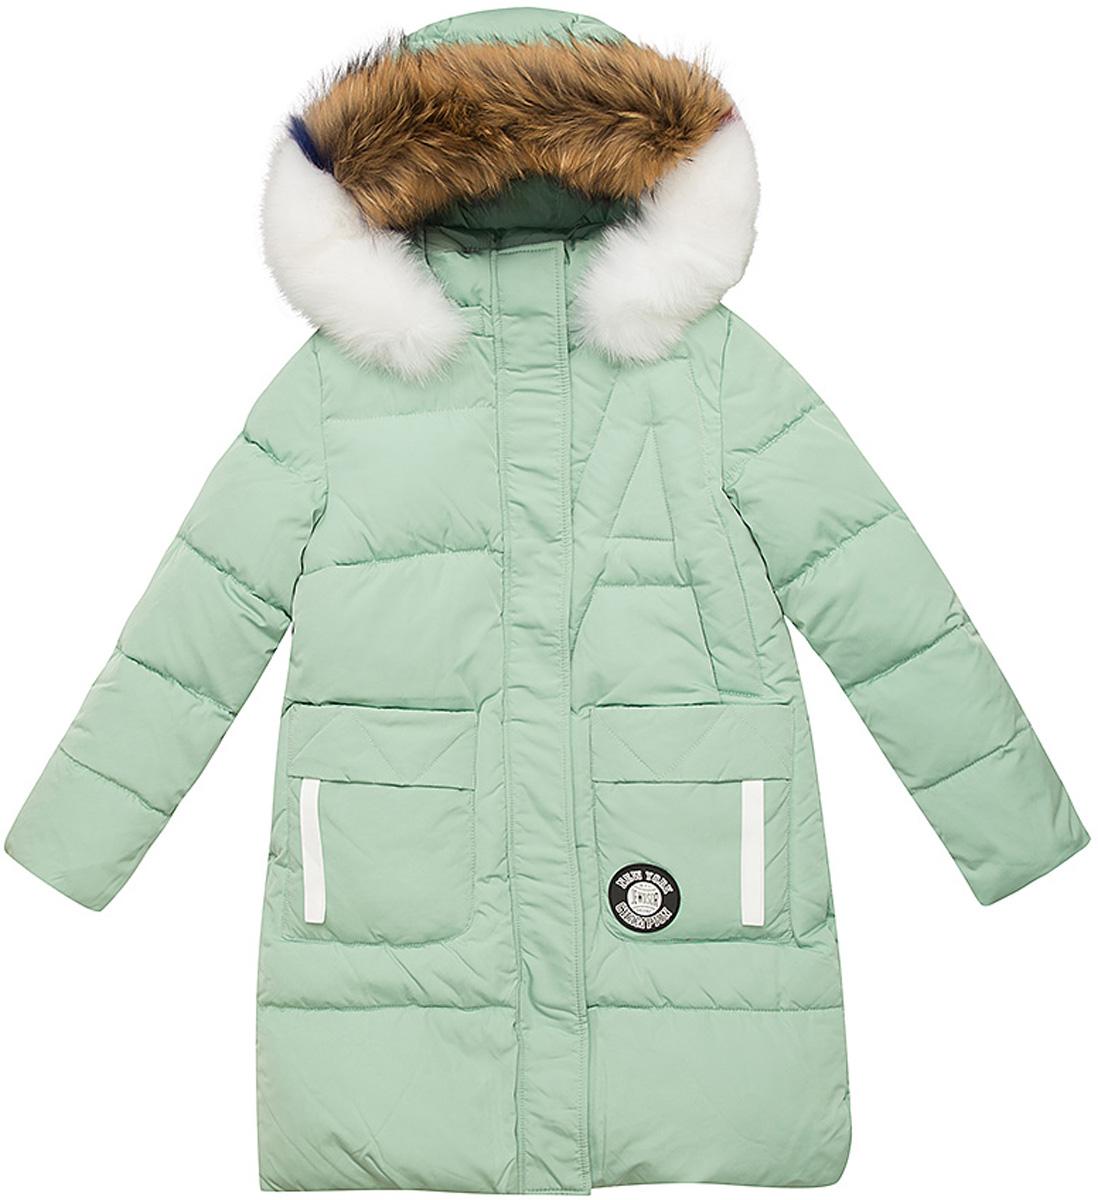 Куртка для девочки Vitacci, цвет: зеленый. 2171456-06. Размер 1302171456-06Куртка для девочки удлиненная. Капюшон съемный, отделка из натурального разноцветного меха. Подкладка дополнительно утеплена флисом по спинке. Наполнитель БИО ПУХ. Температурный режим от -10°С до -25°С